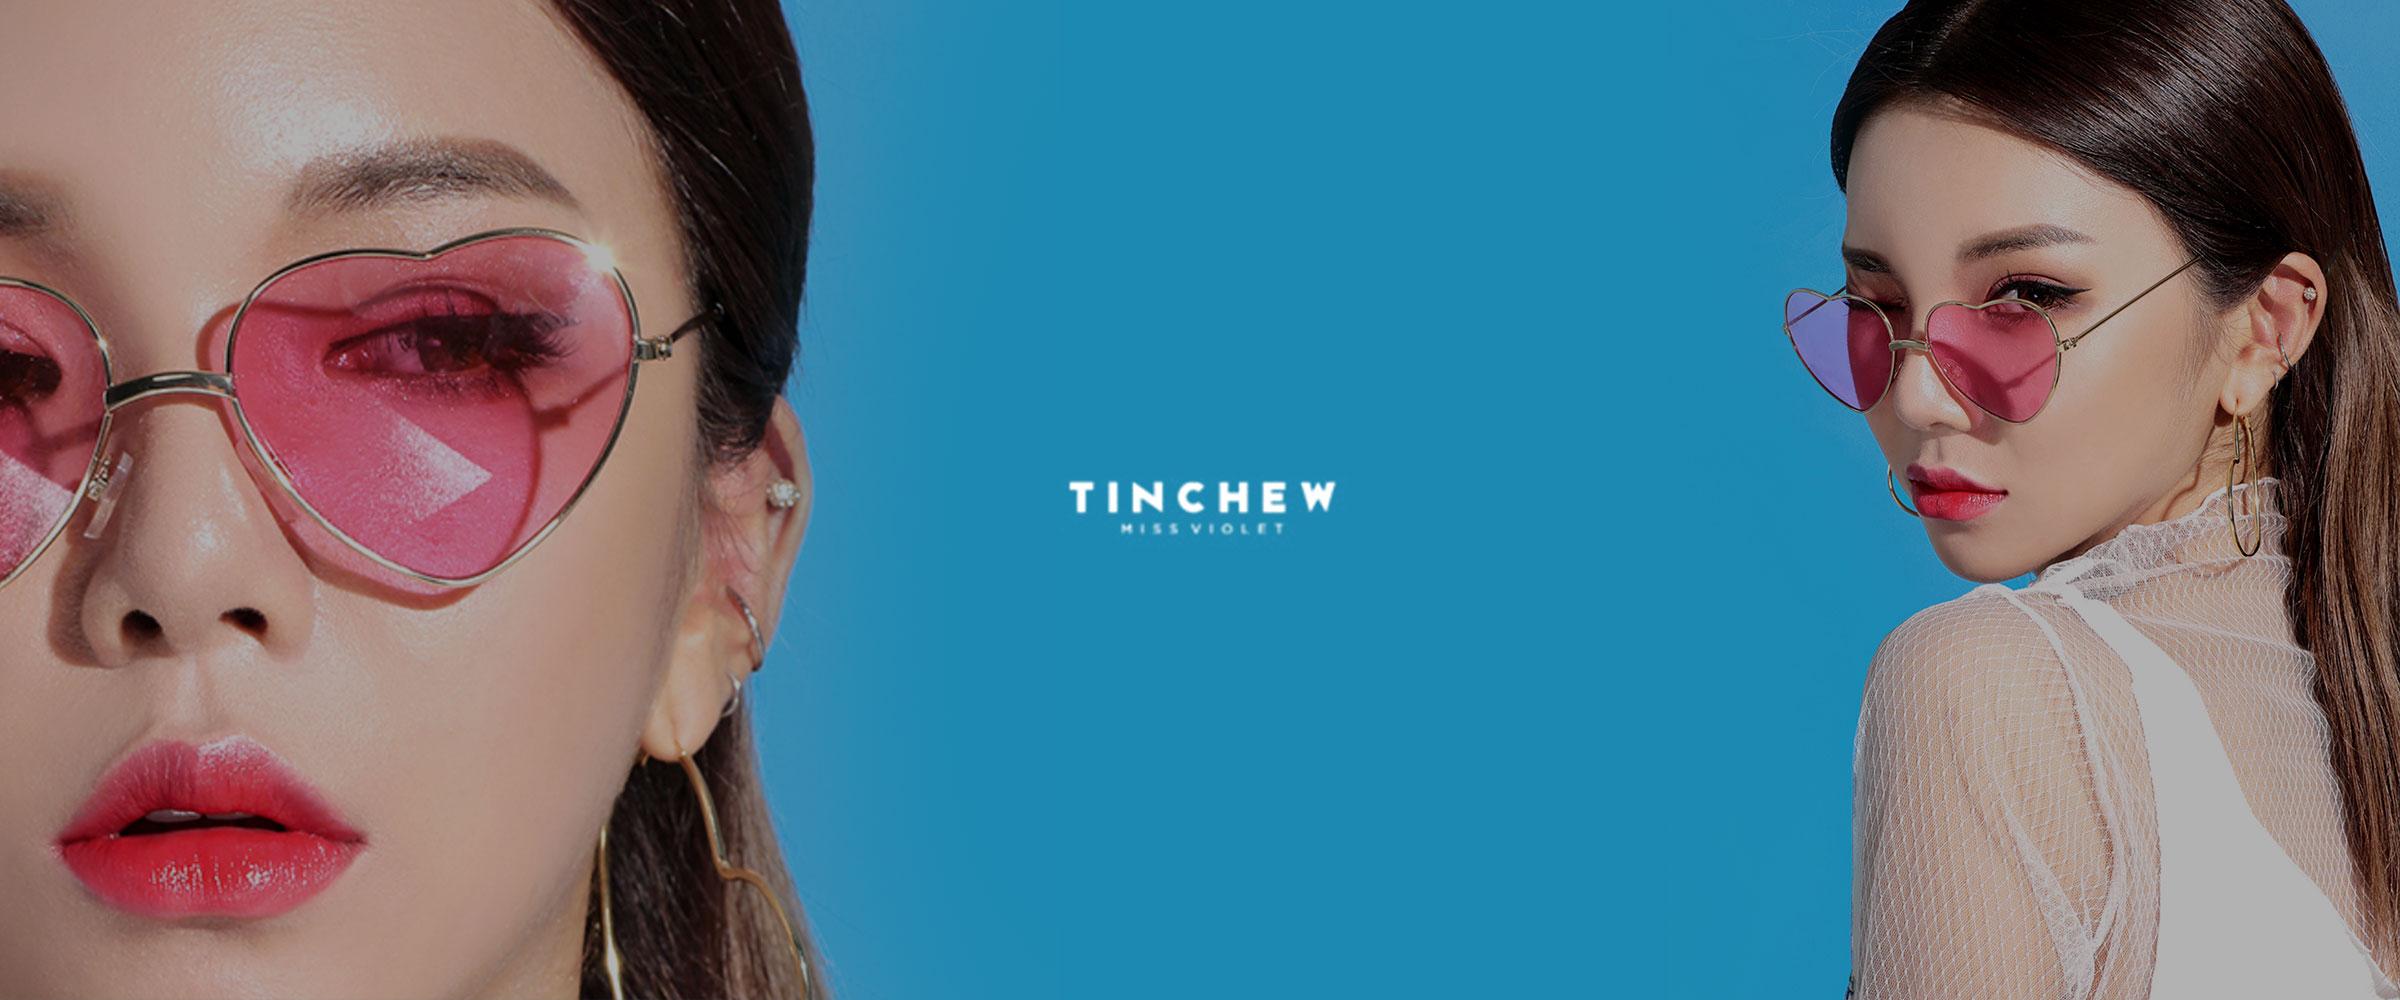 tinchew.jpg